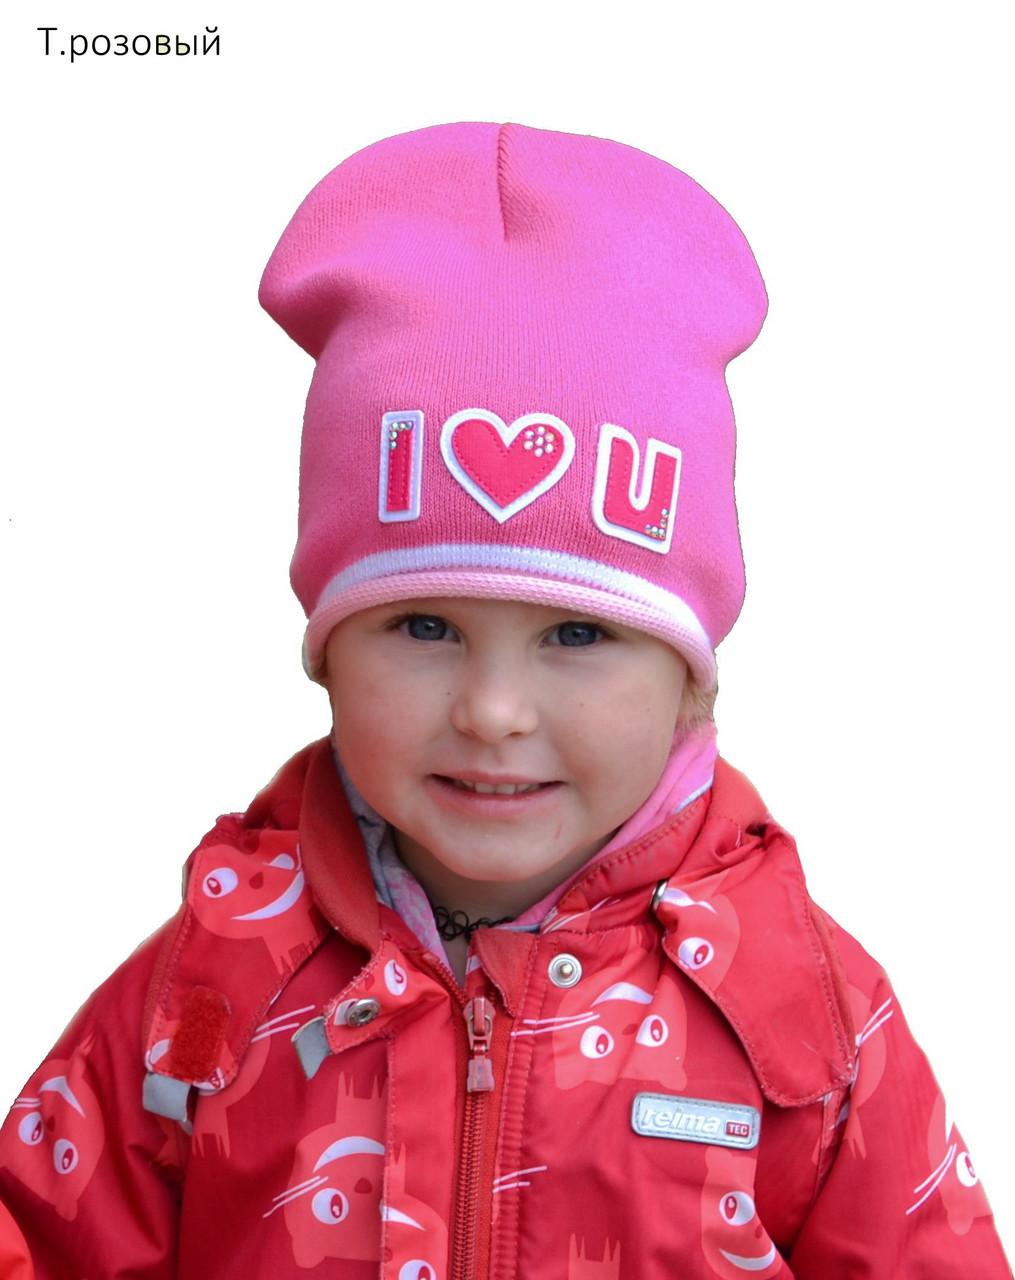 Модная шапка с вышивкой I ❤ U